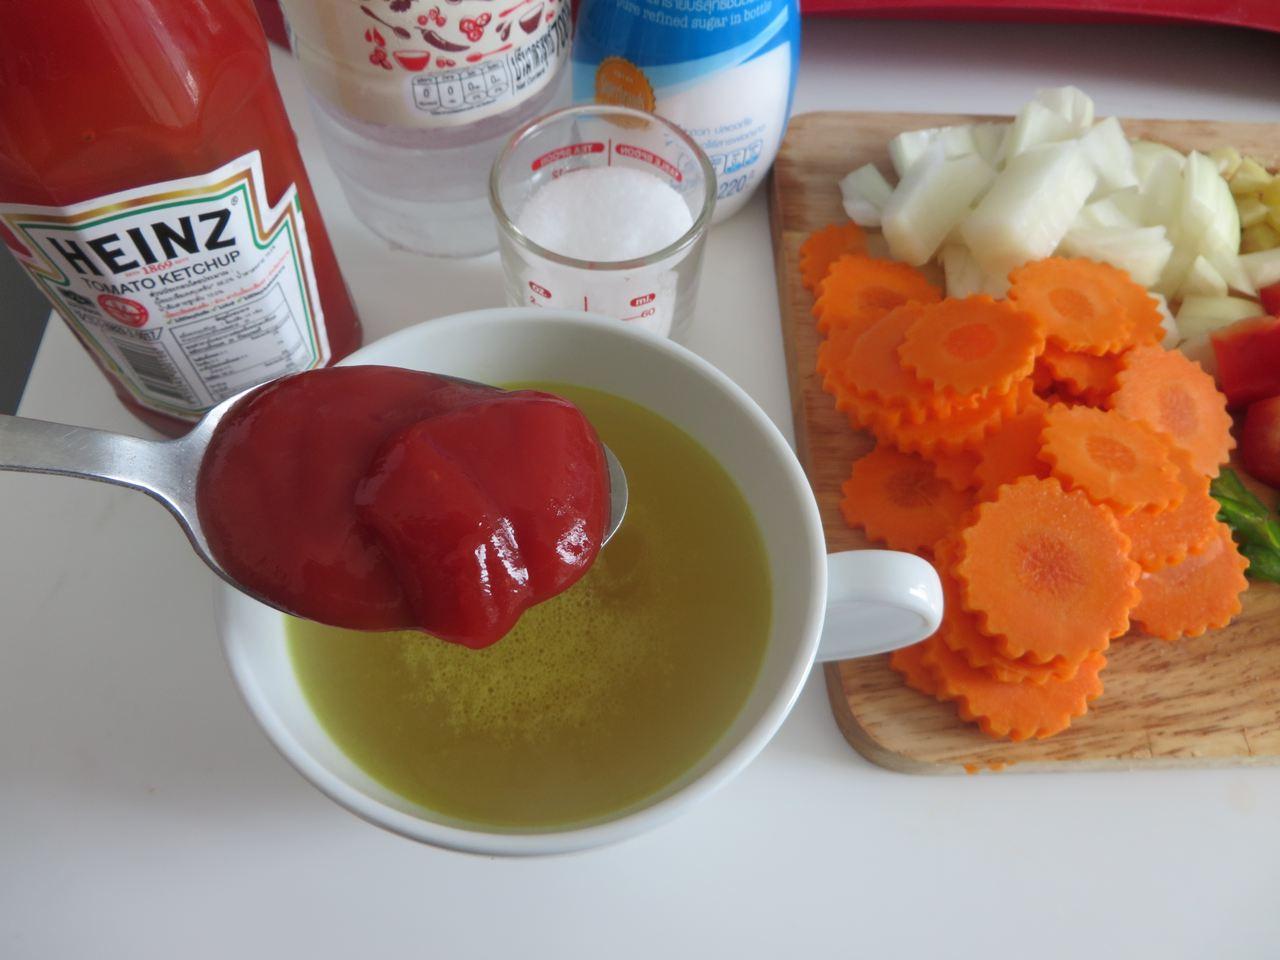 Die Sauce herstellen Hühnerbrühe mit Ketchup verfeinern